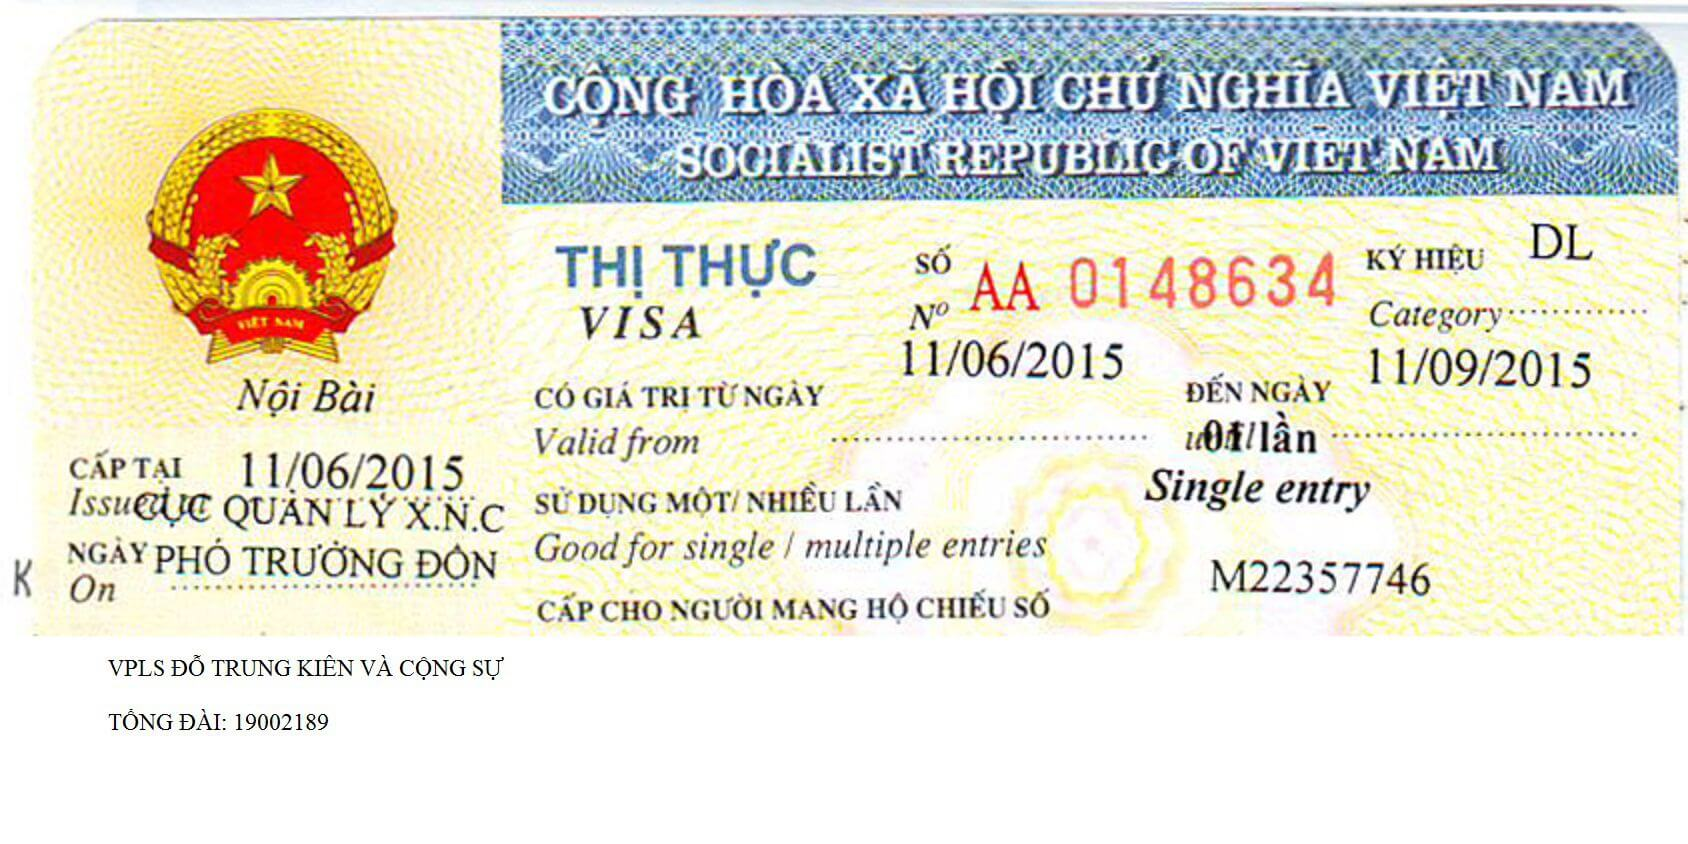 Visa ở sân bay Tân Sơn Nhất